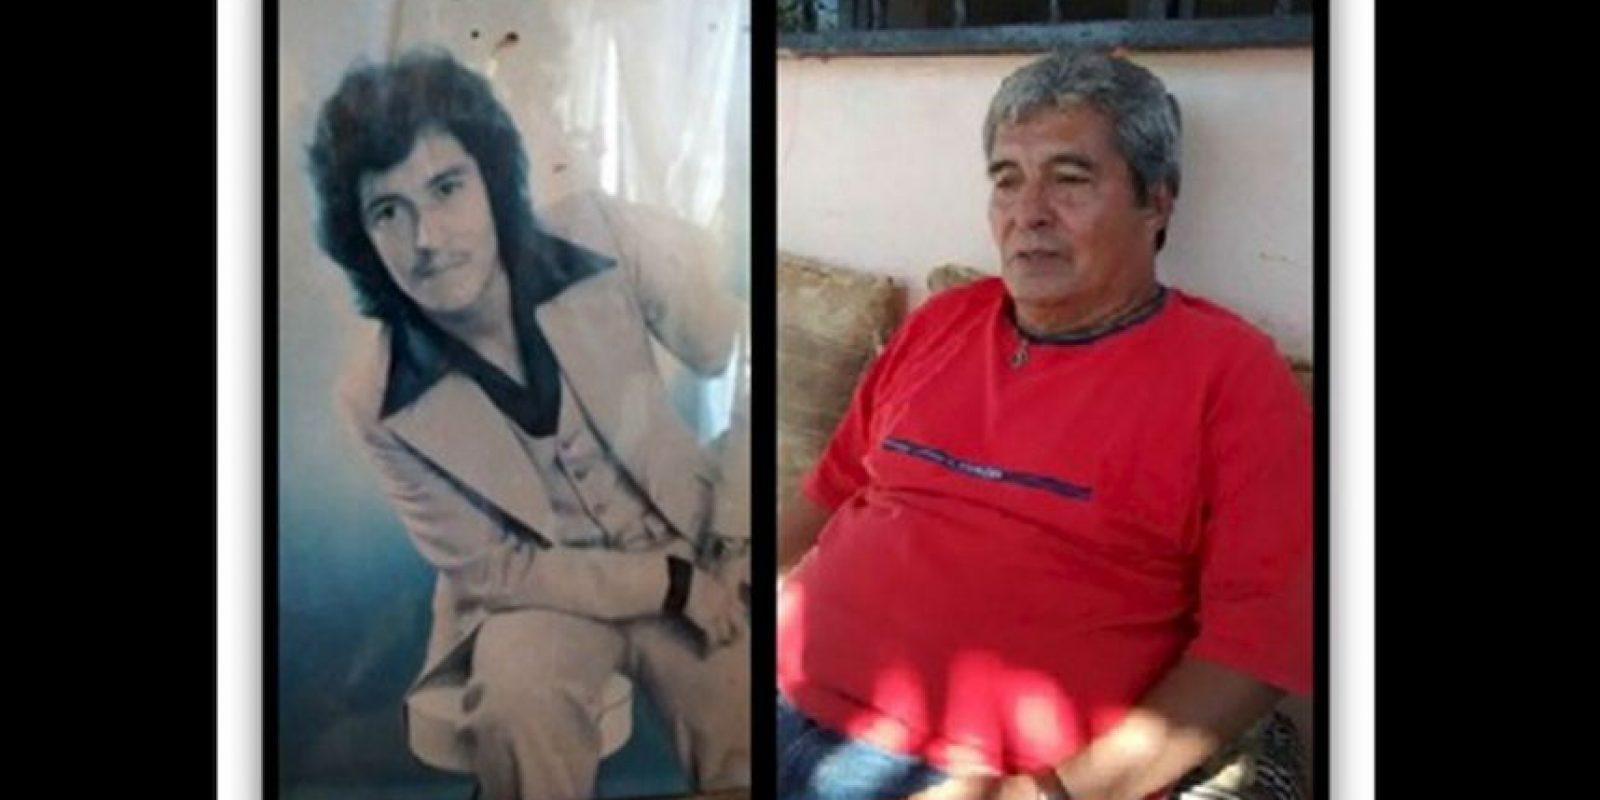 Milo estuvo tres años al frente de la agrupación Los Muecas. Foto:Reproducción Colectivopericu.net. Imagen Por: